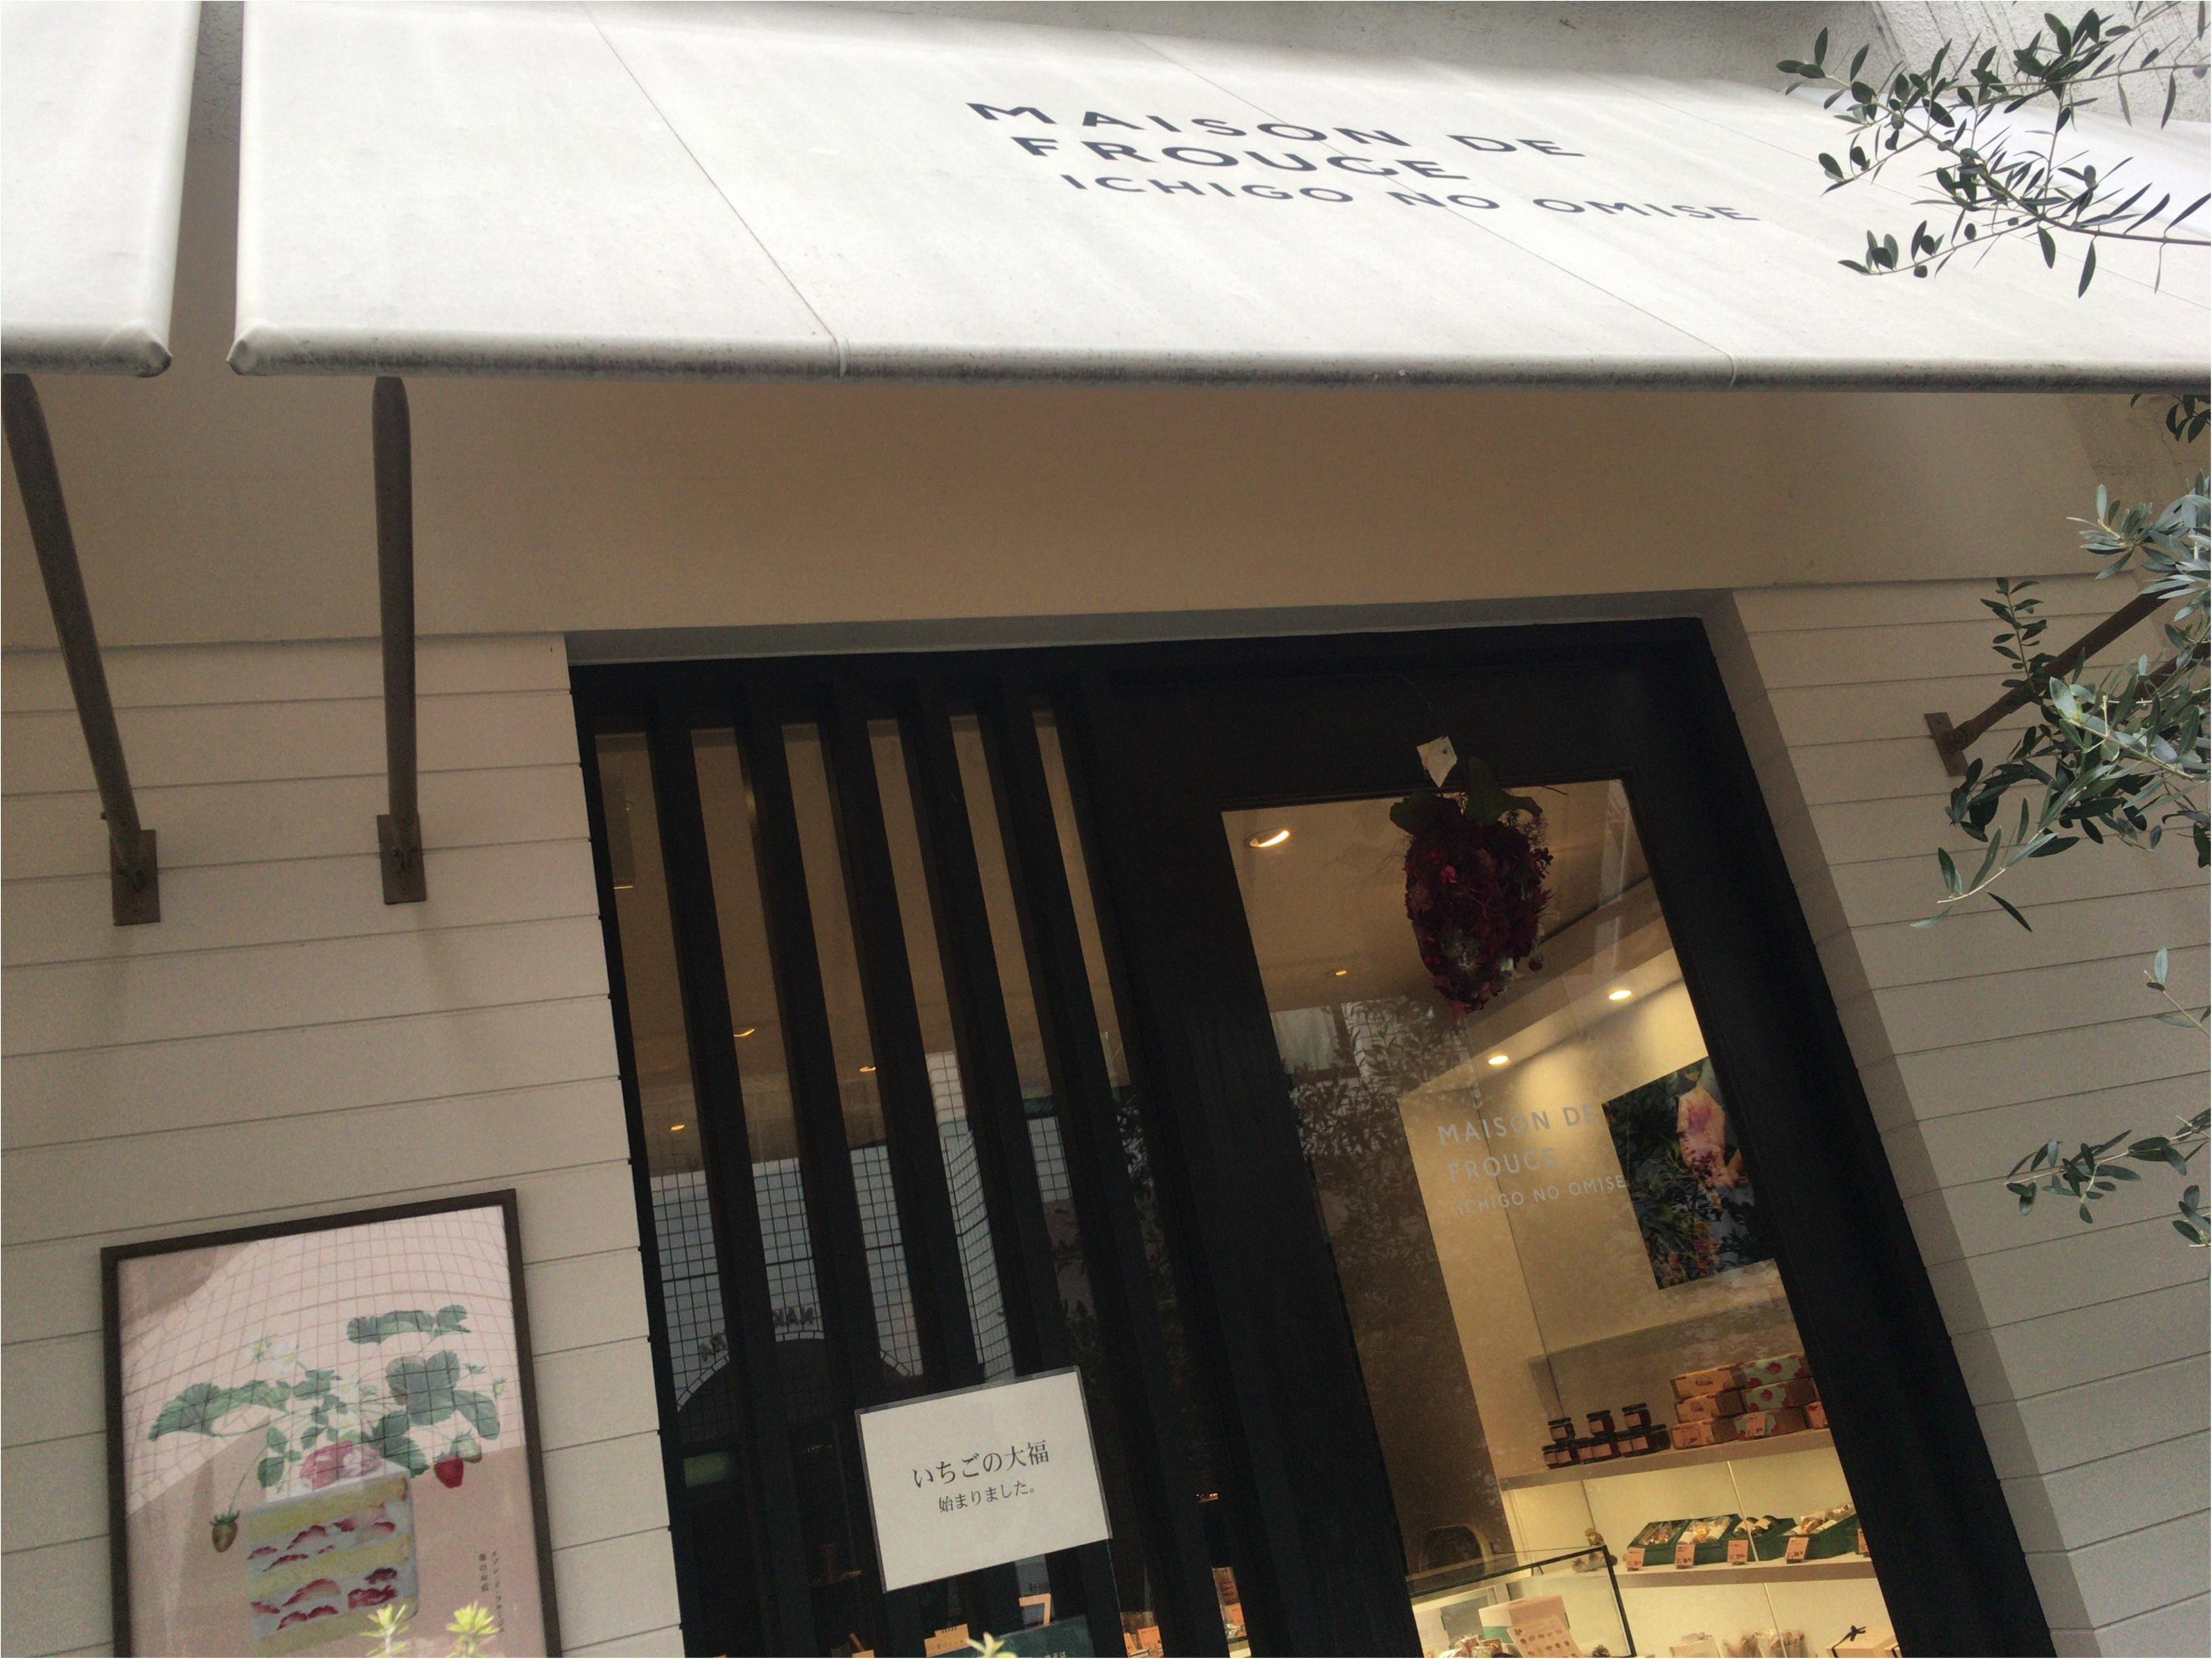 【京都】大人気いちご専門店♡『メゾンドフルージュ』予約必須なインスタ映え《ミルフィーユ》など紹介します♡_5